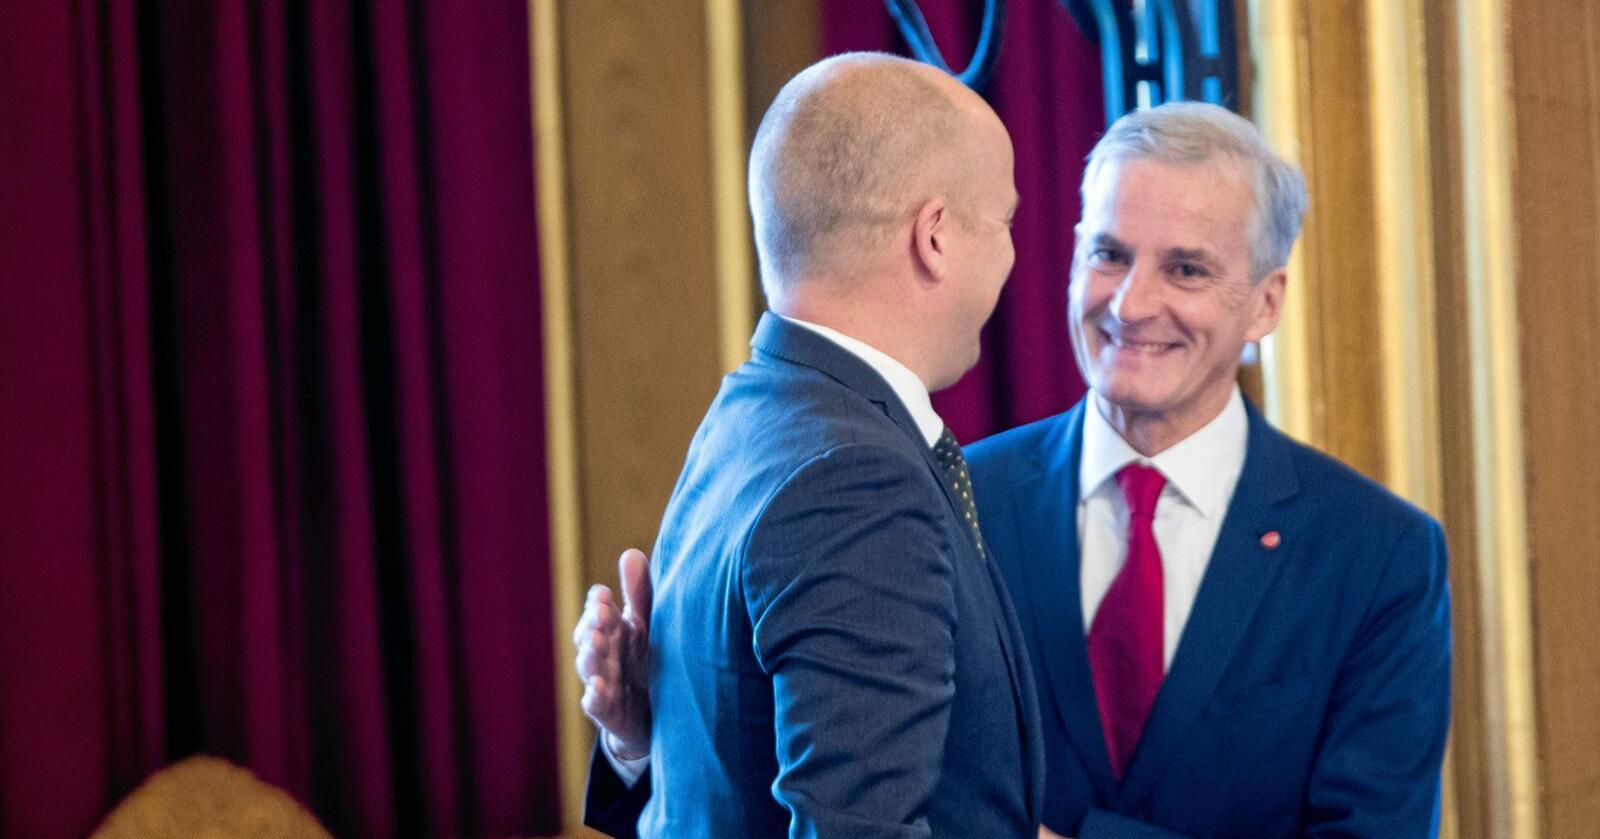 Partilederne Trygve Slagsvold Vedum (Sp) og Jonas Gahr Støre (Ap) har sine uenigheter på klimafronten. Foto: Terje Pedersen / NTB scanpix